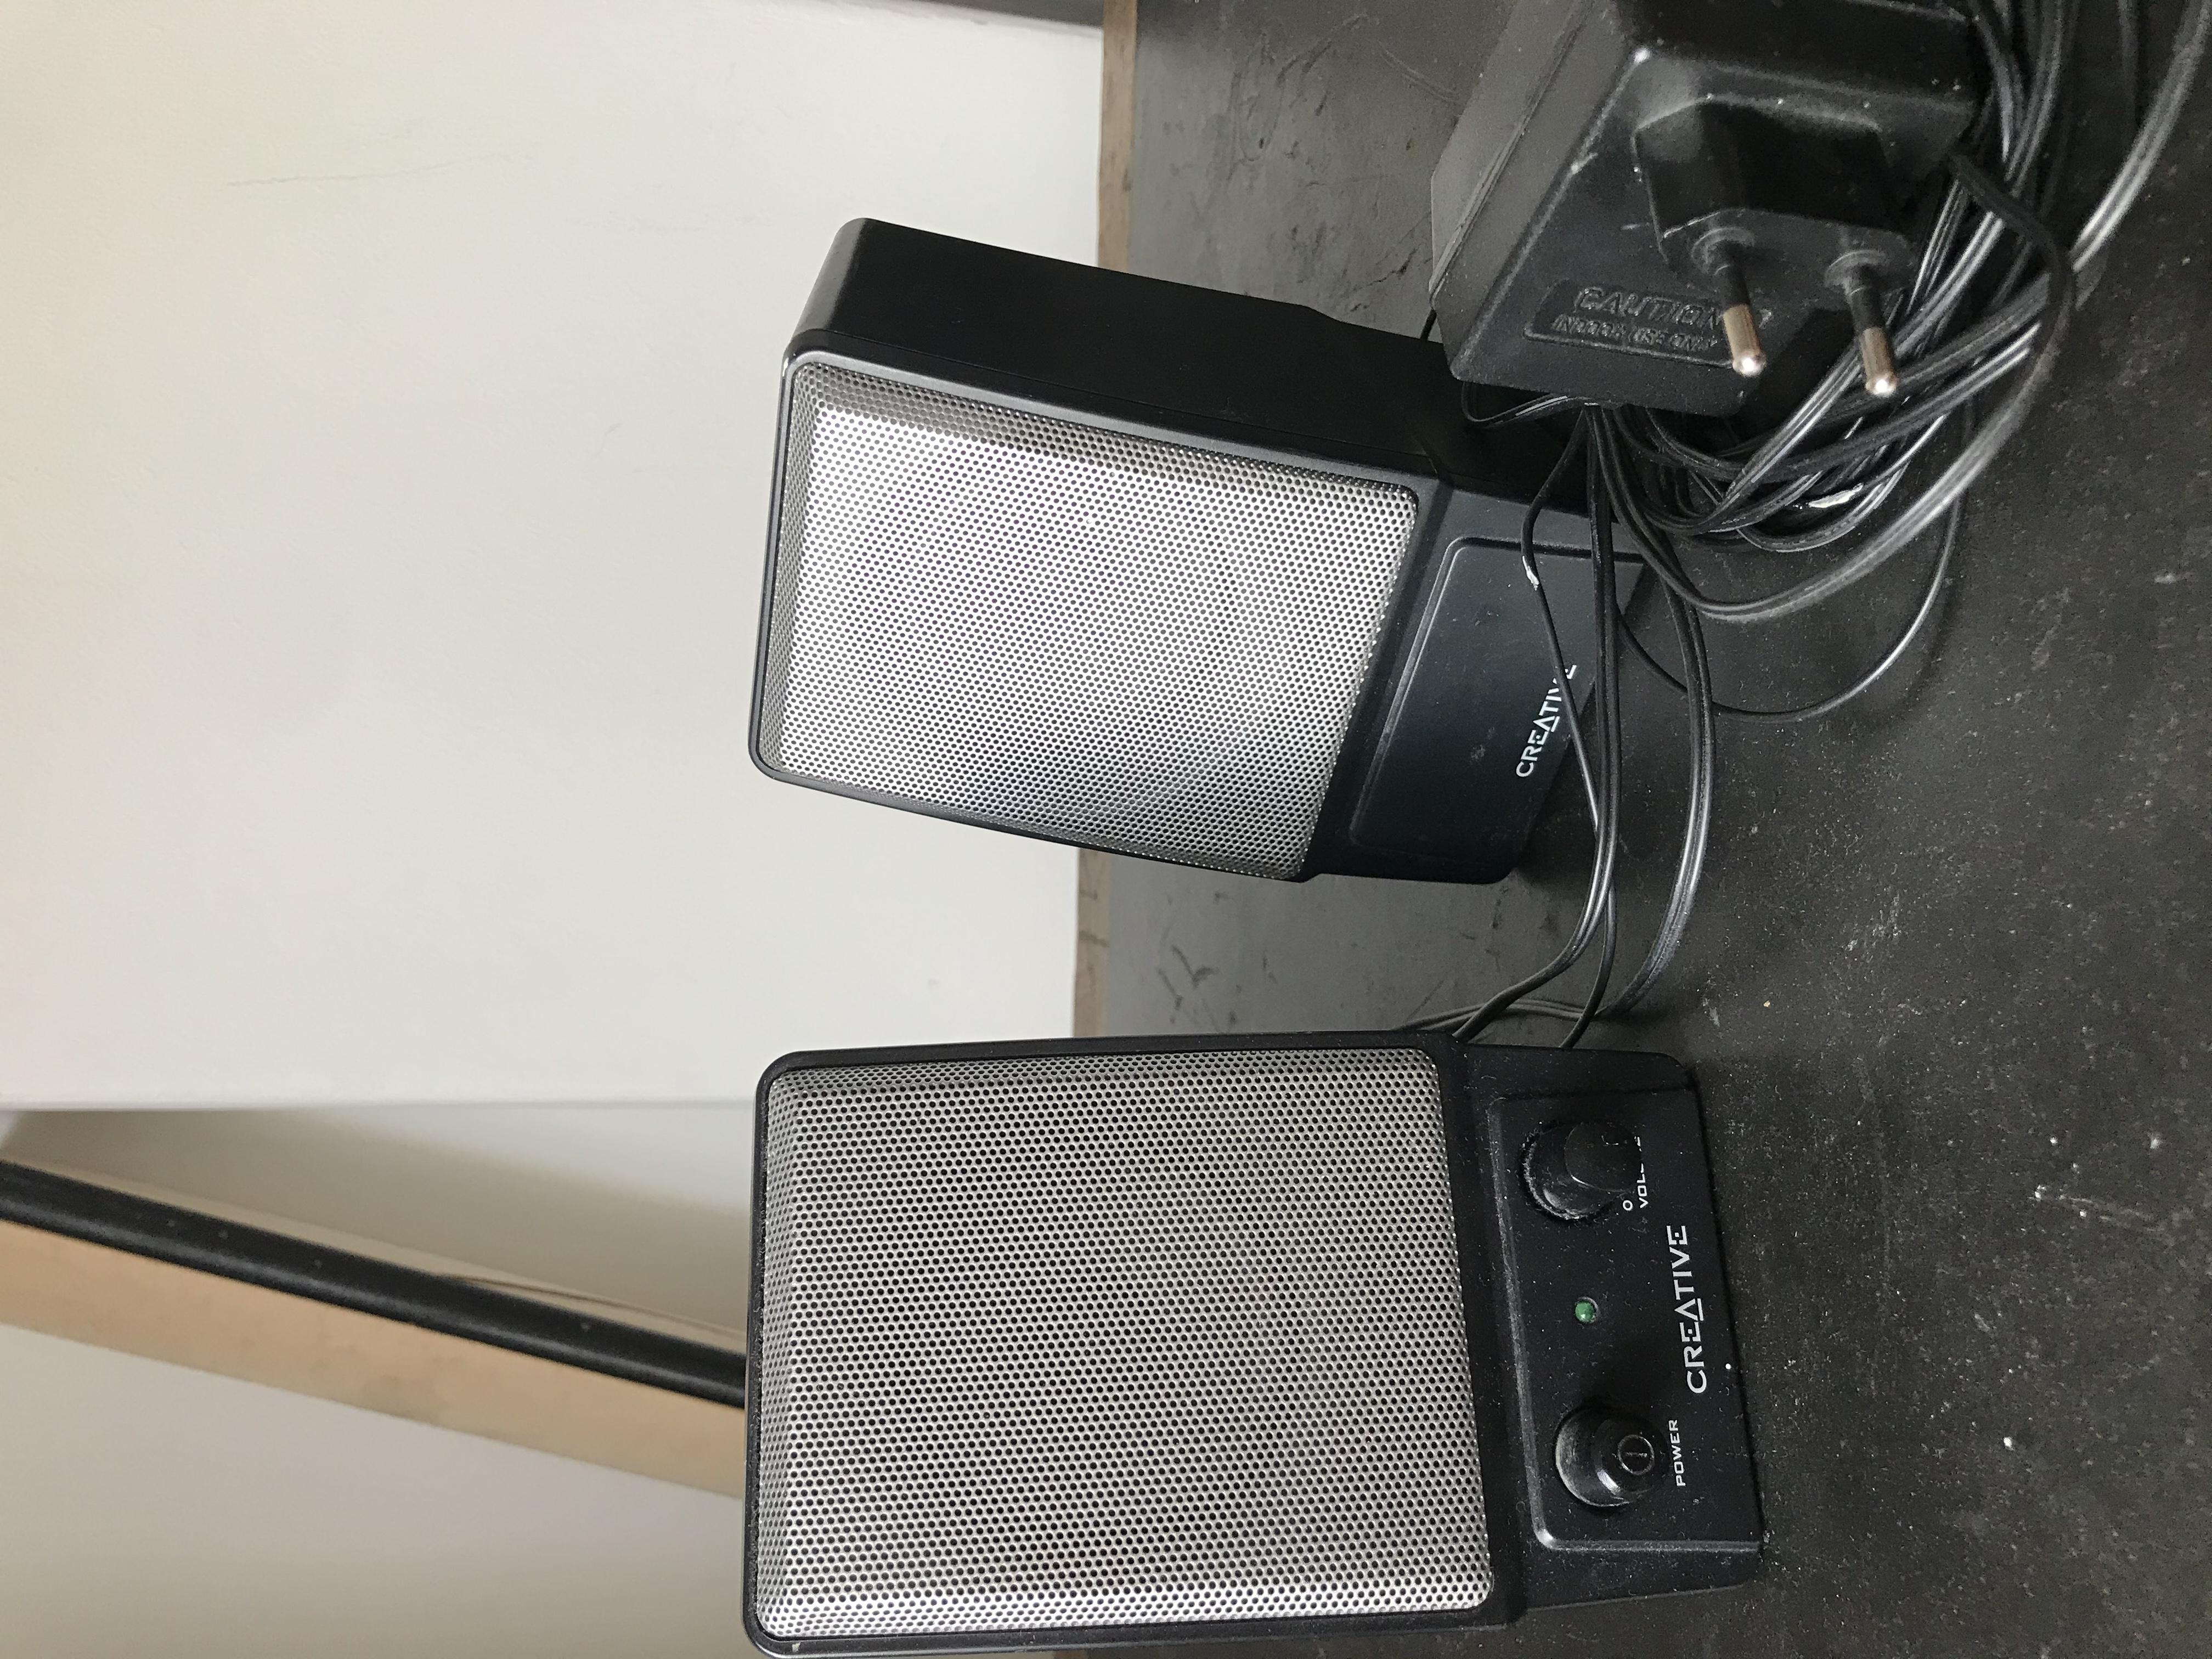 Lautsprecher für Computer und co tauschen